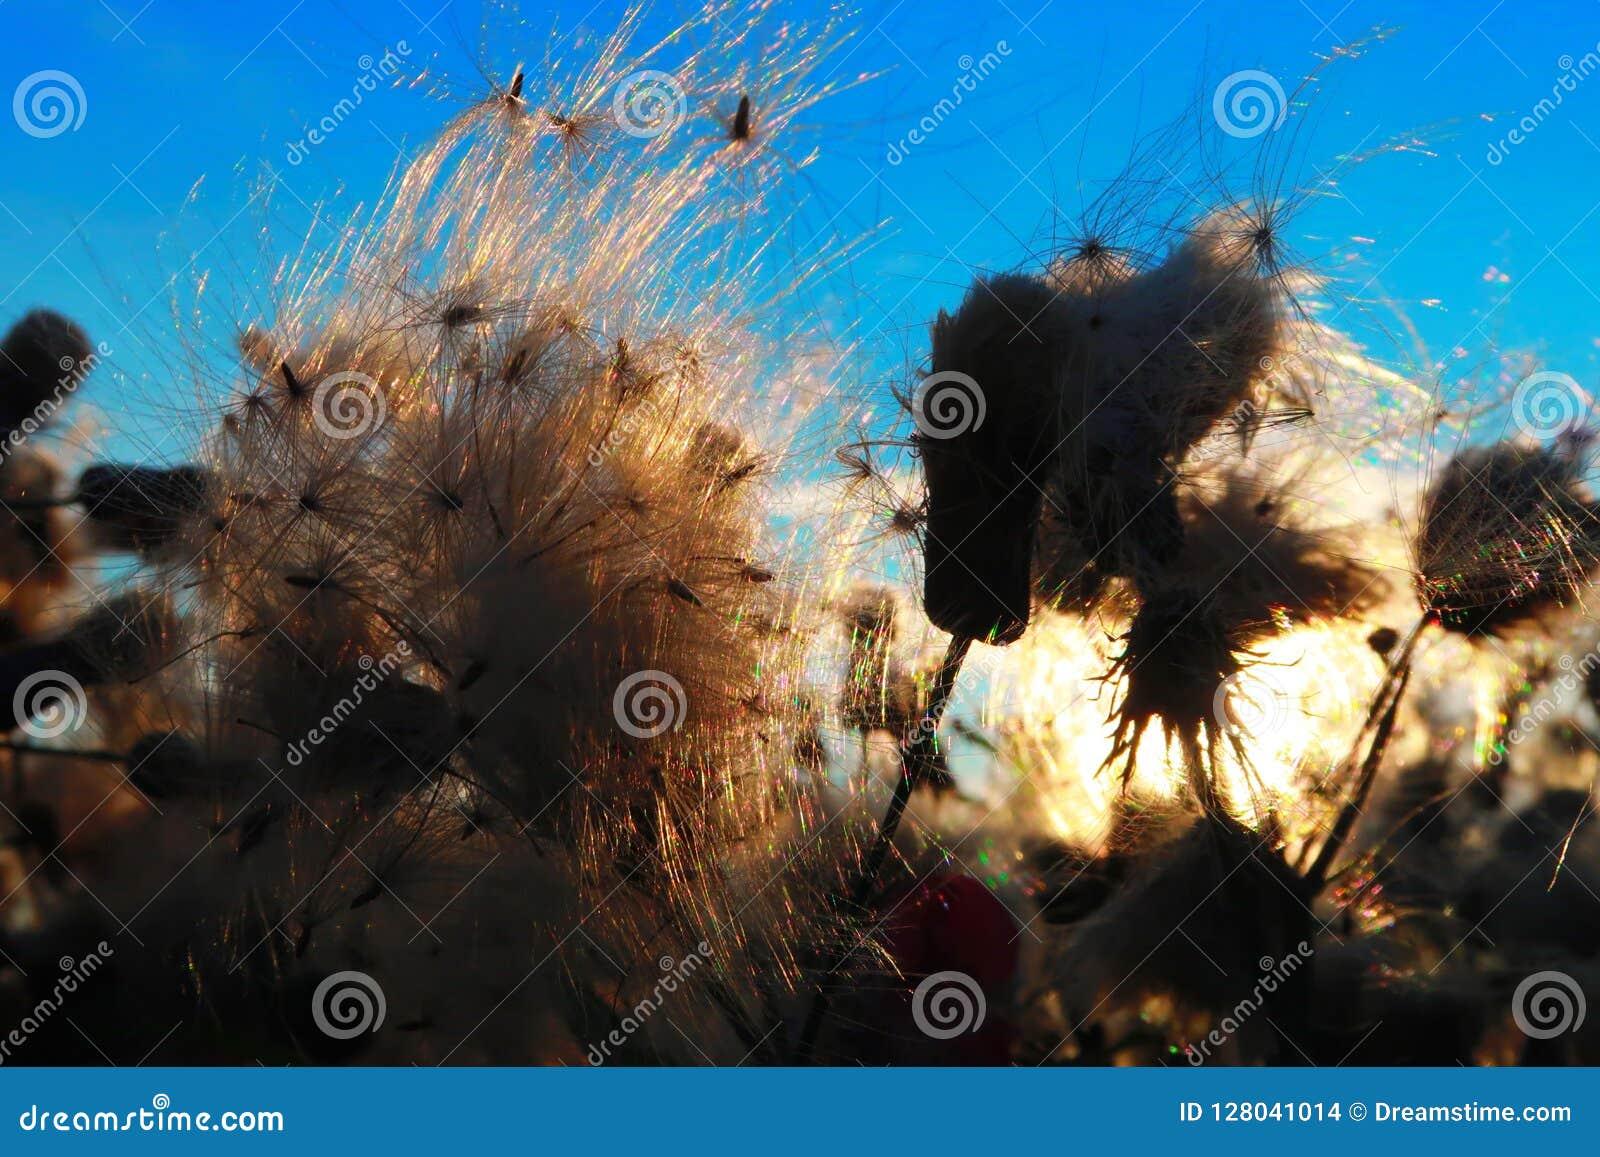 Sommerwind auf dem Feld Die Blumen und Samen, flaumig, brennt den Wind durch